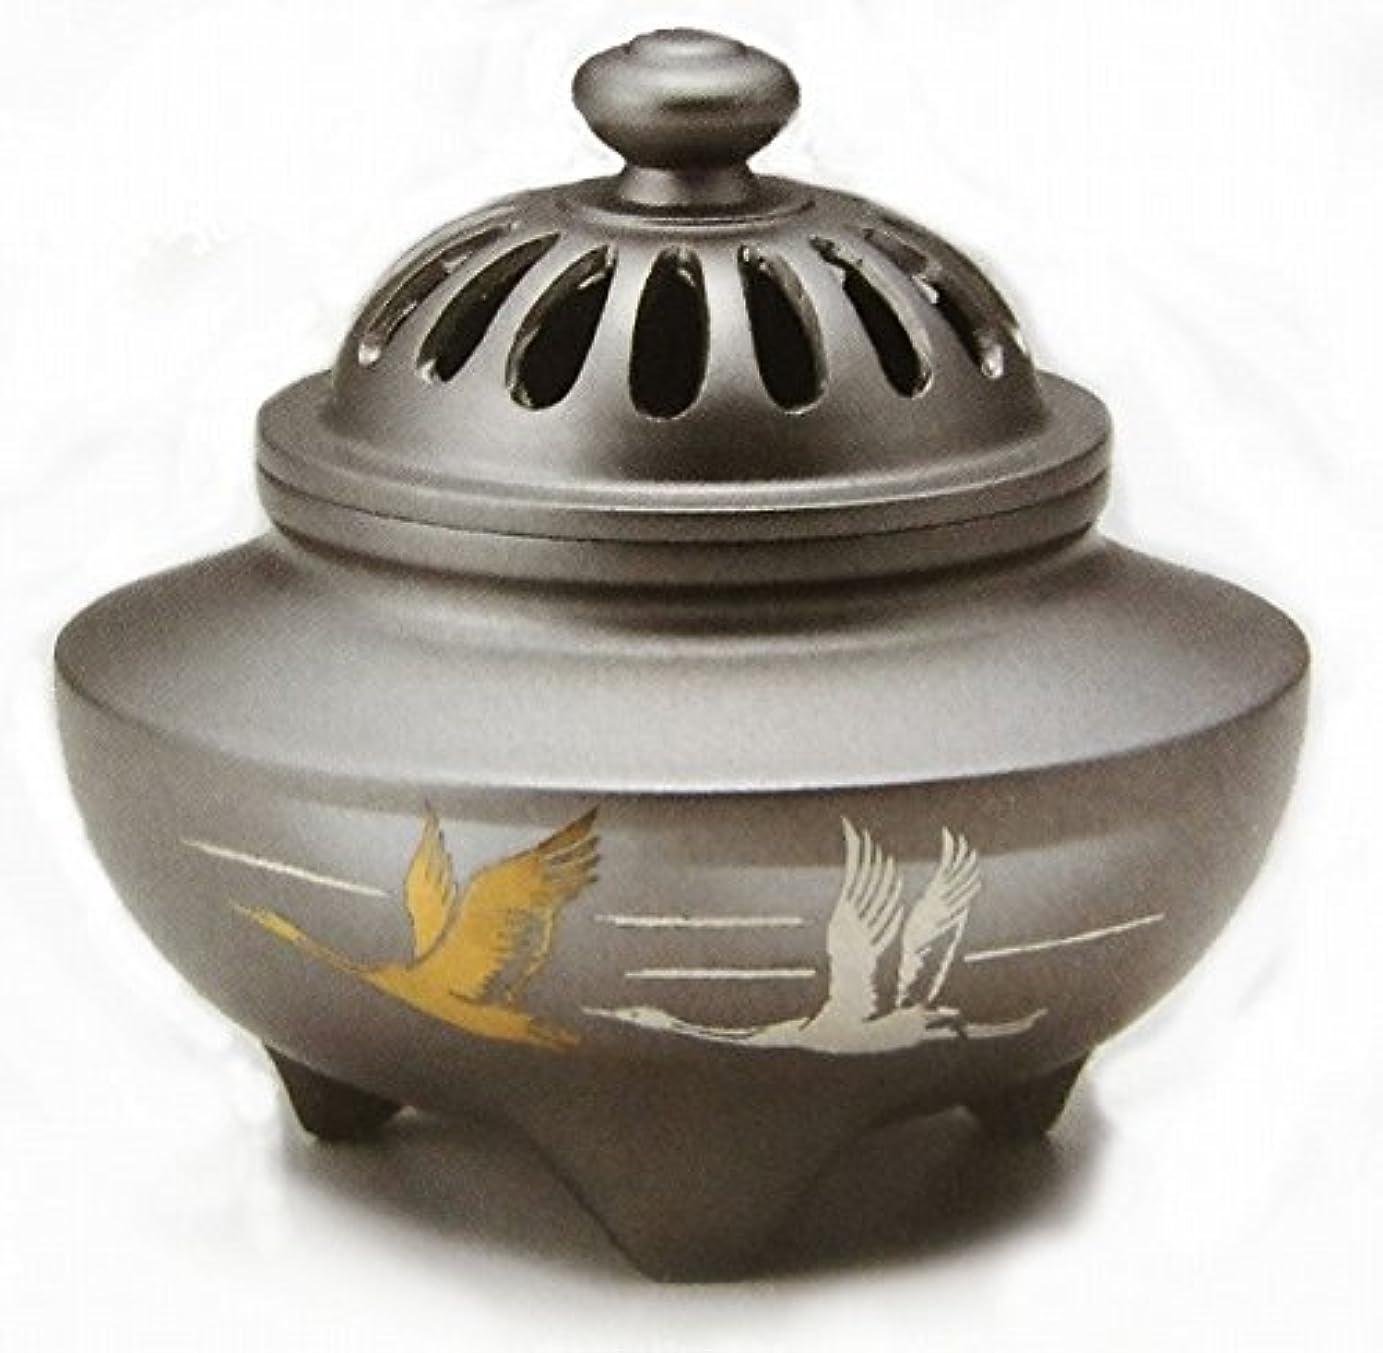 ジョージハンブリープライム前件『玉利久双鶴香炉』銅製